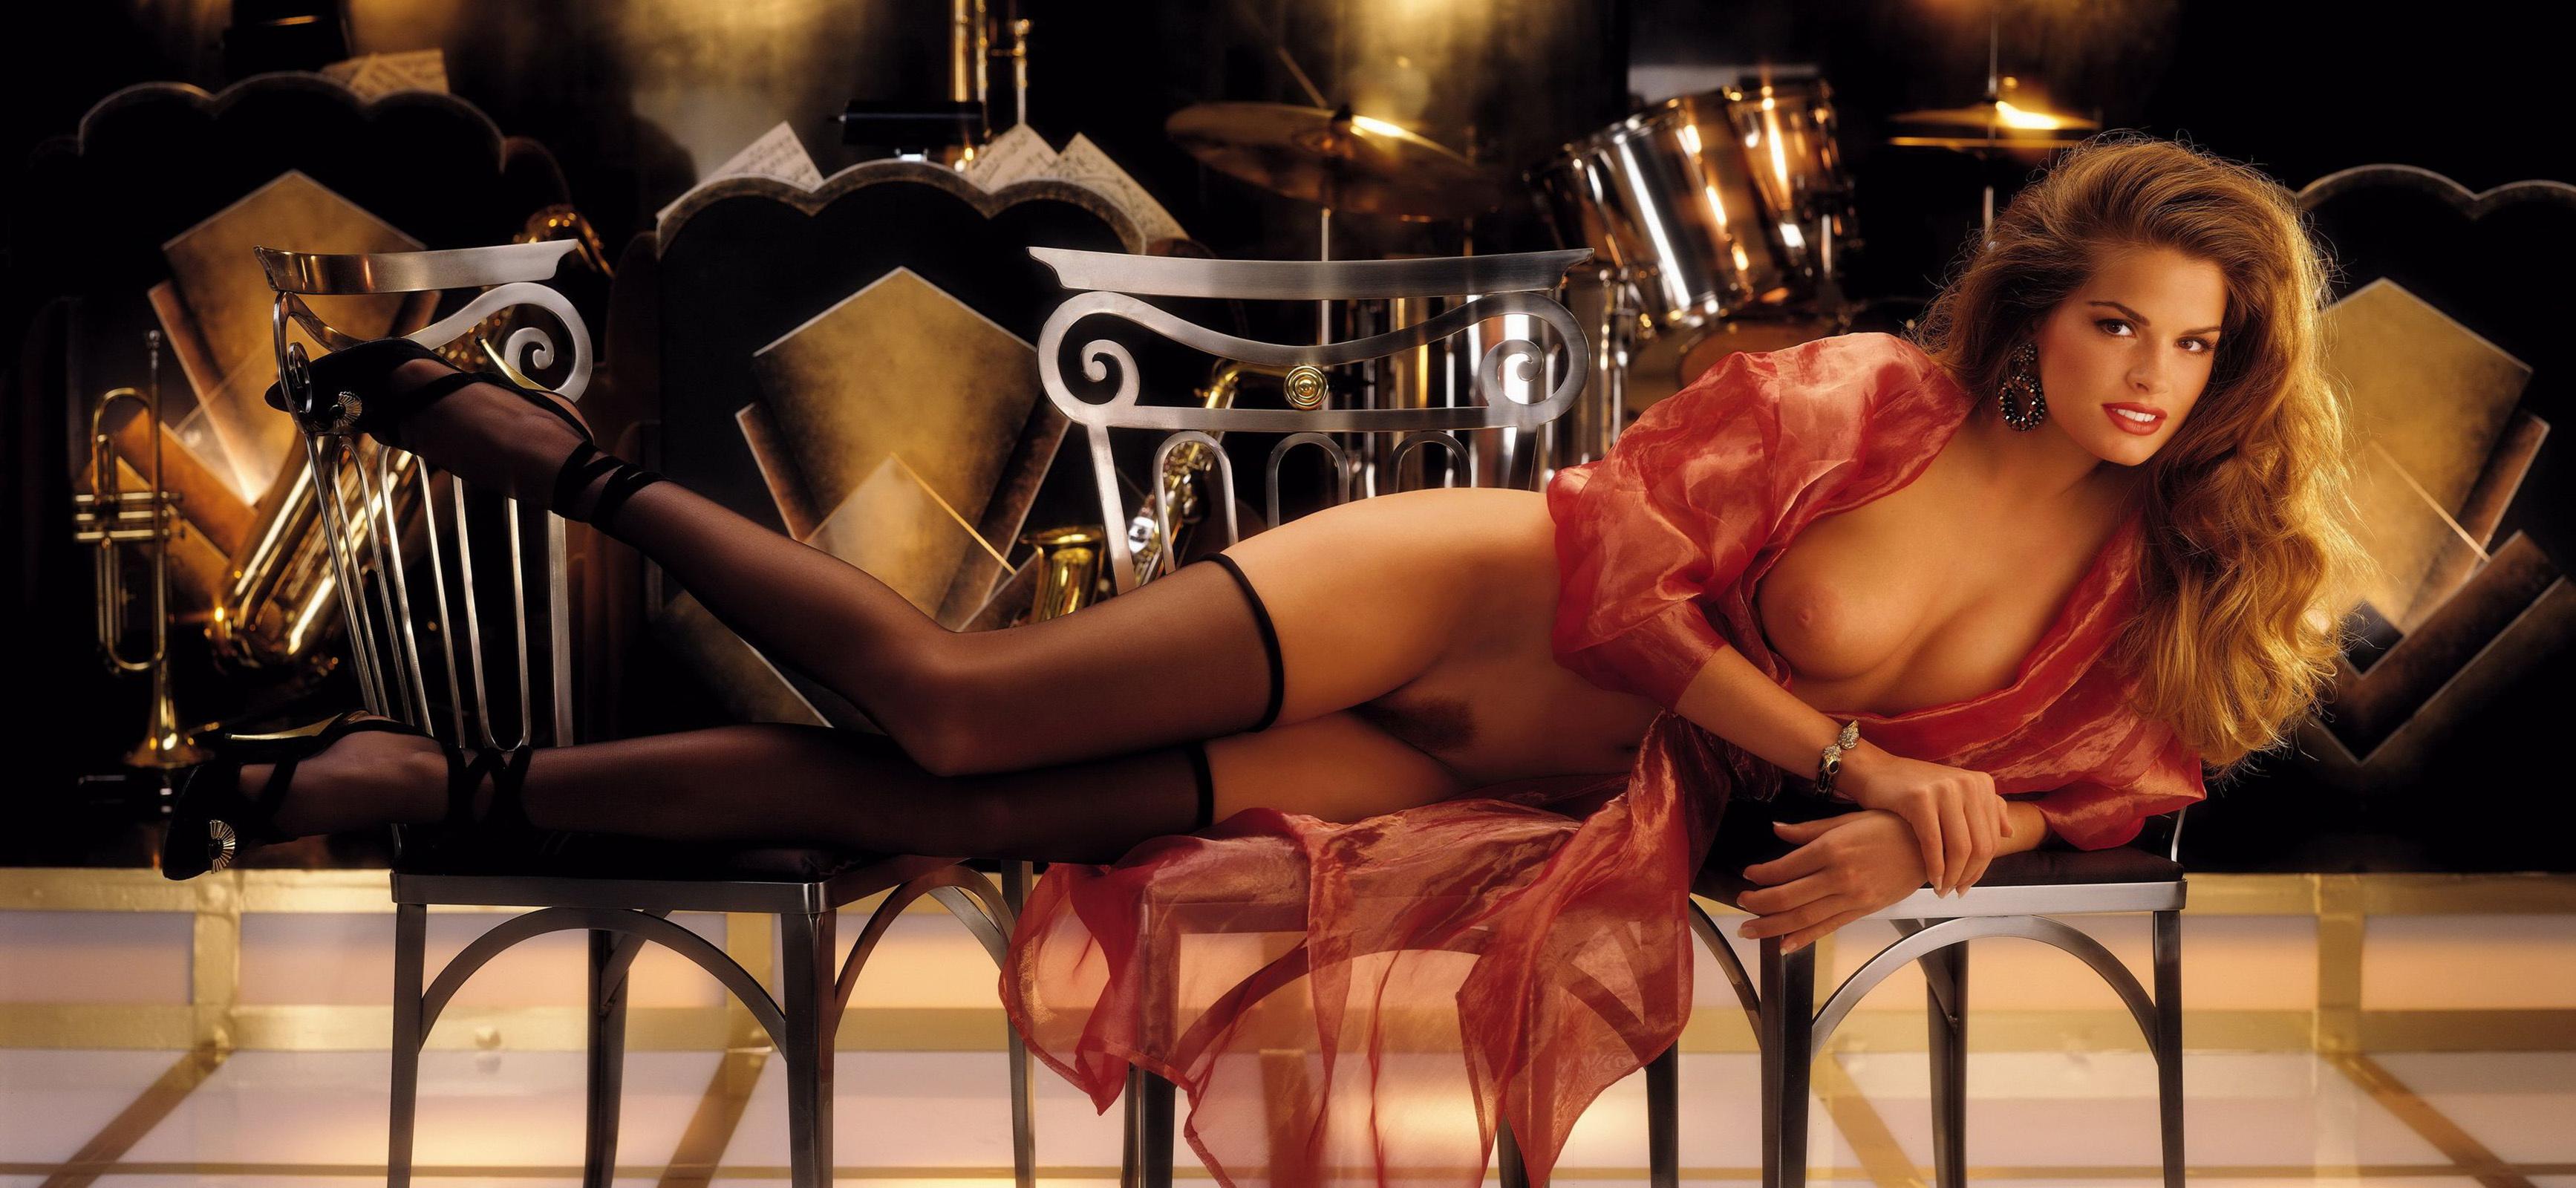 Смотреть лучшие модели эротики видео сша — pic 8